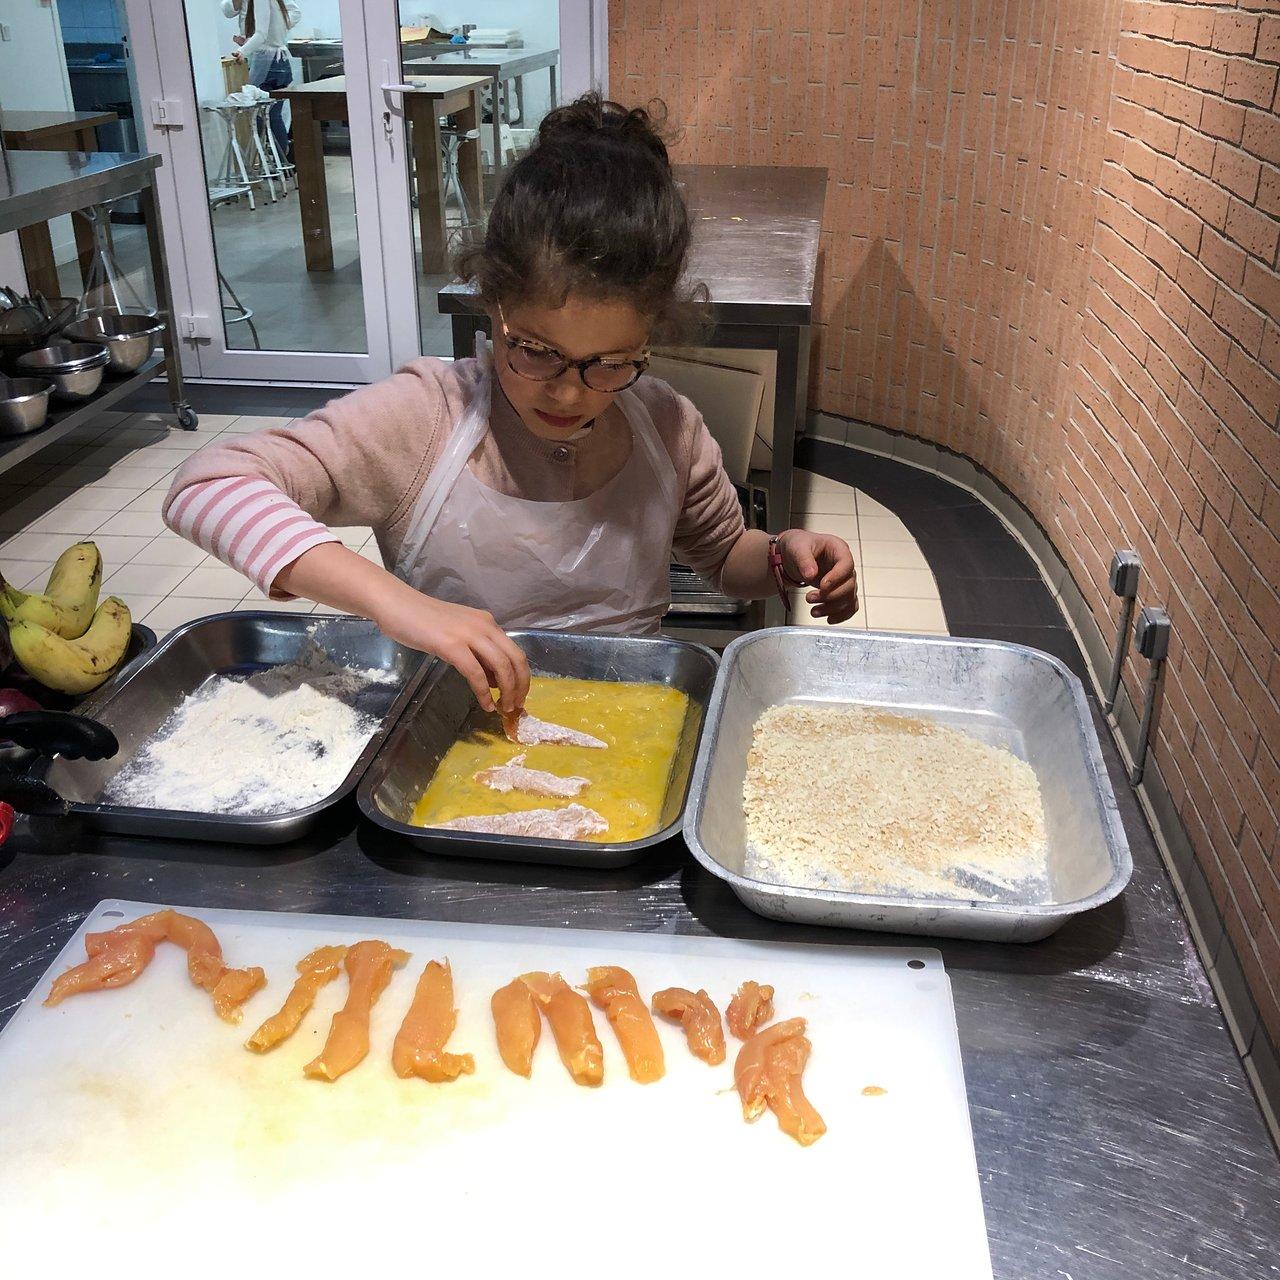 Cours De Cuisine Henin Beaumont l'atelier des chefs (lille) - 2020 all you need to know